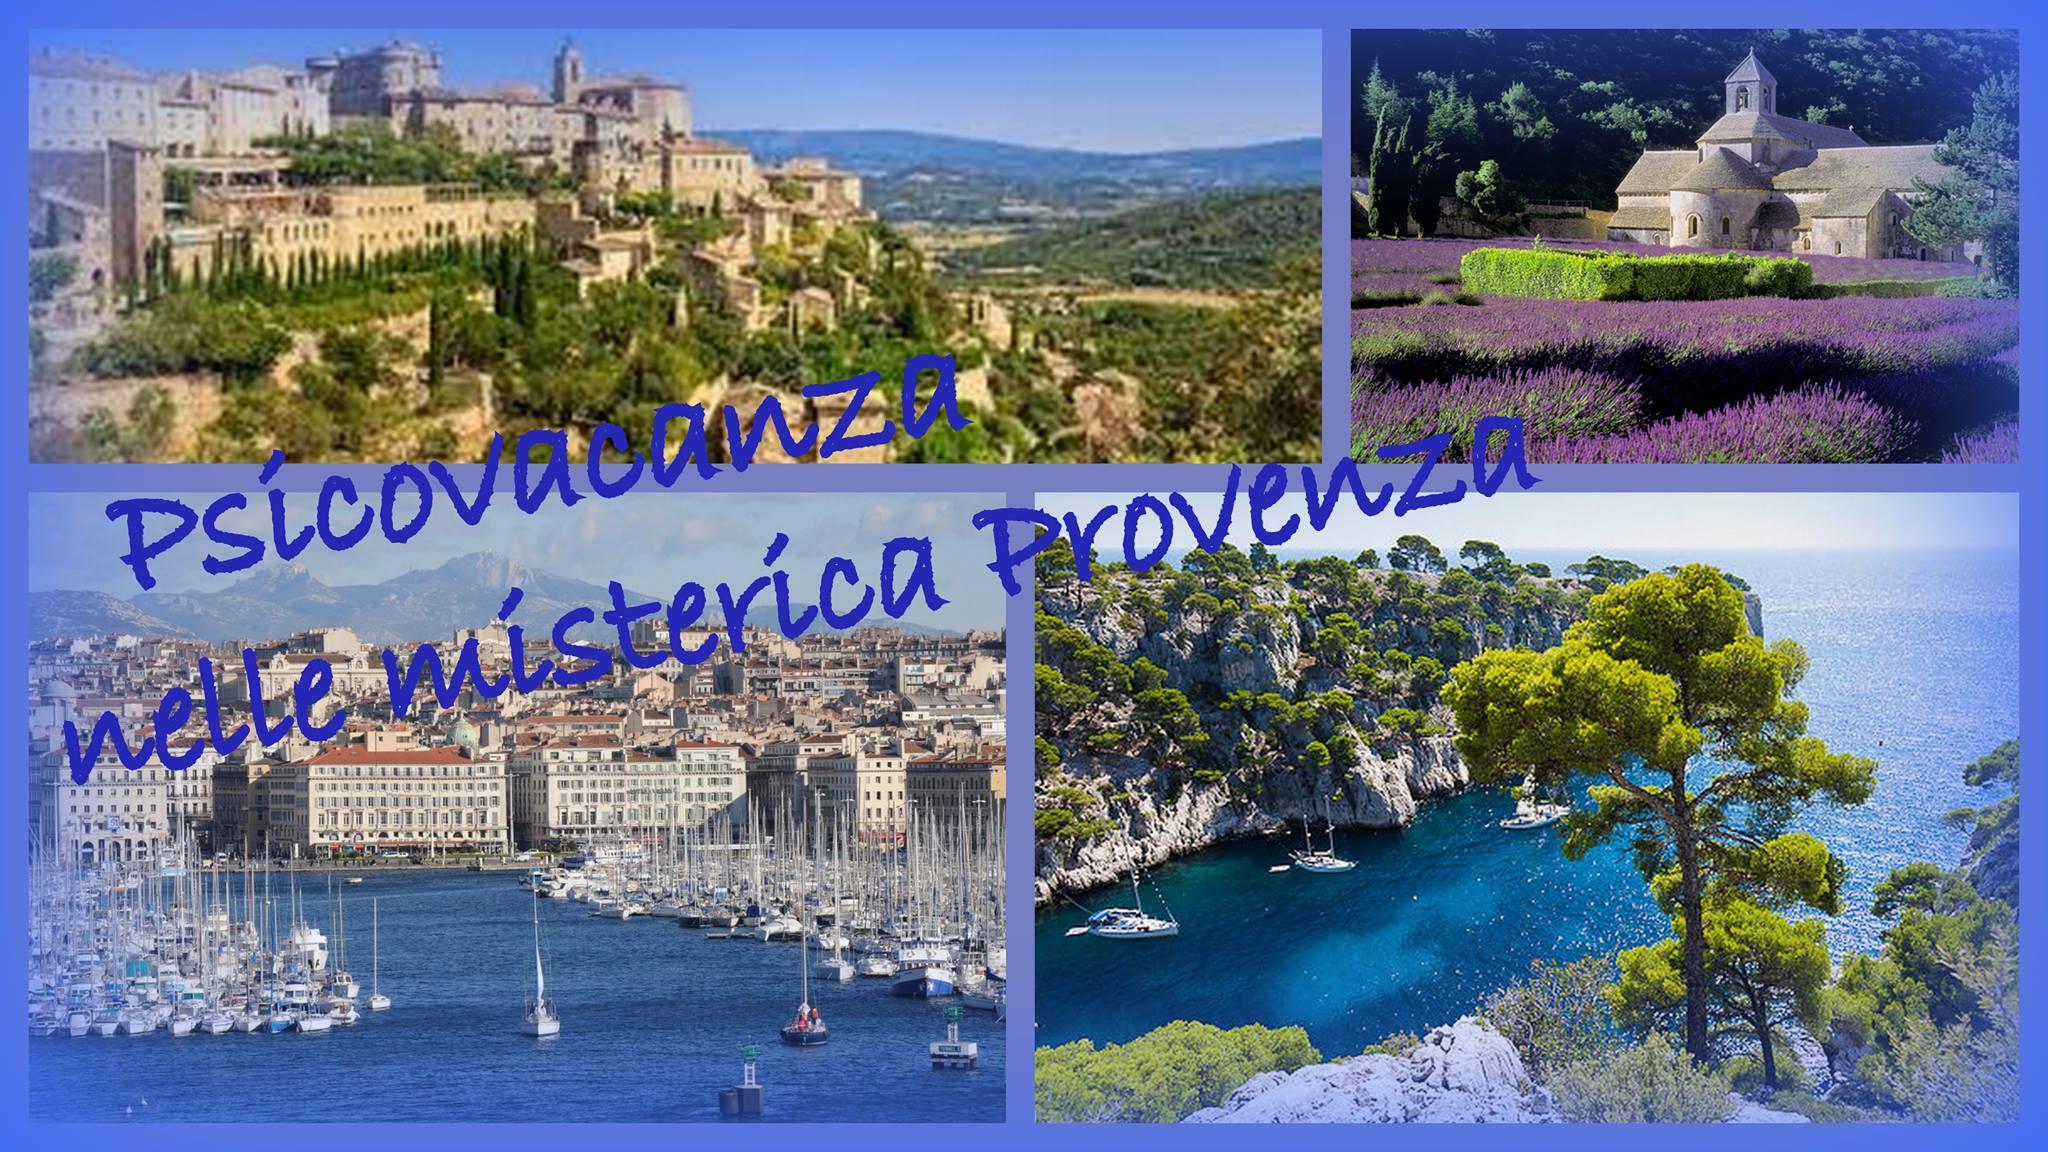 PSICOVACANZA nella MISTERICA PROVENZA - Avalon counseling Pescara